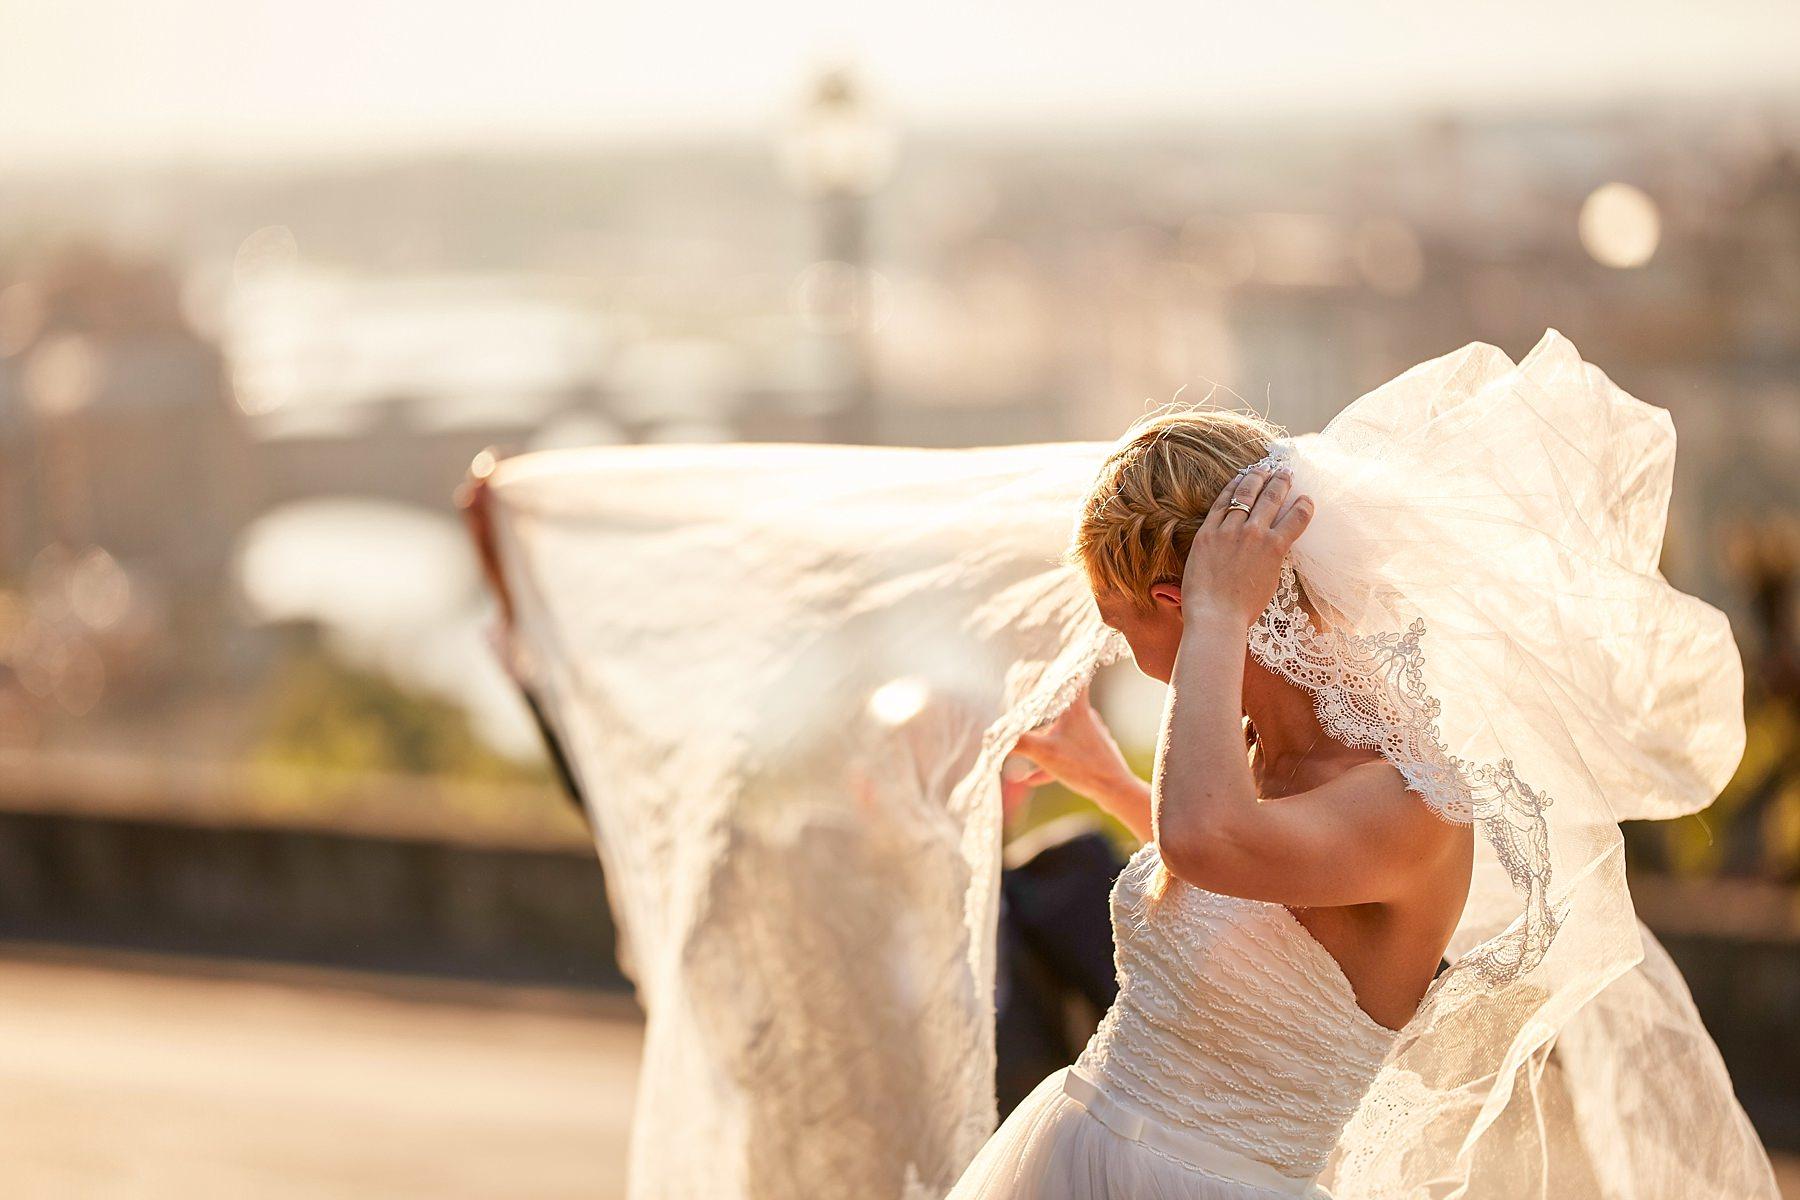 fotografia reportage di matrimonio di una sposa che si regge il velo